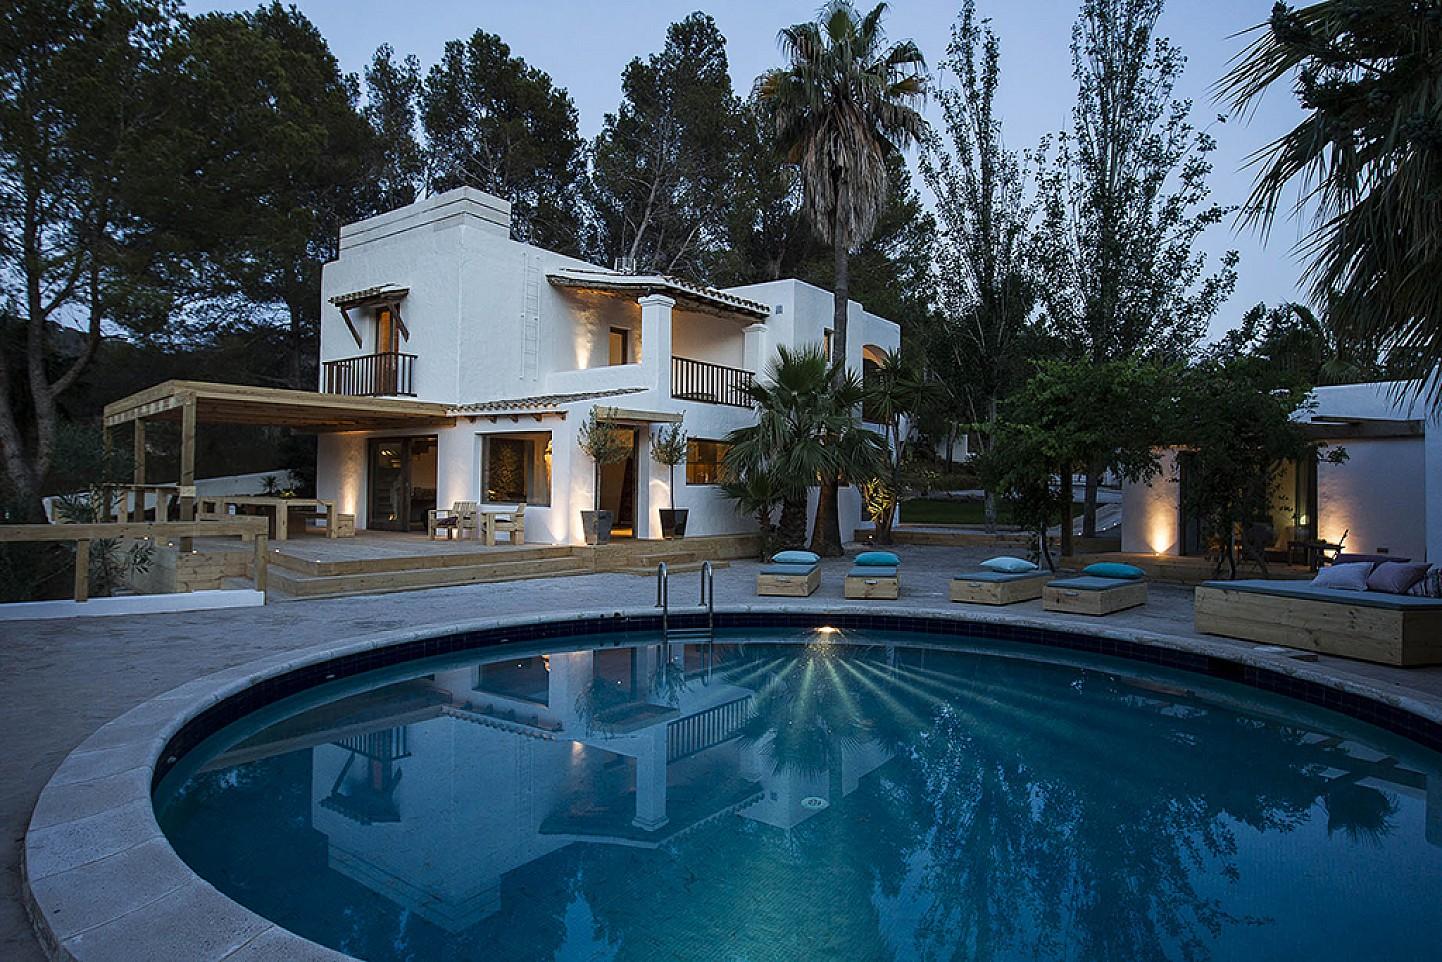 Exteriores de la villa con la gran piscina